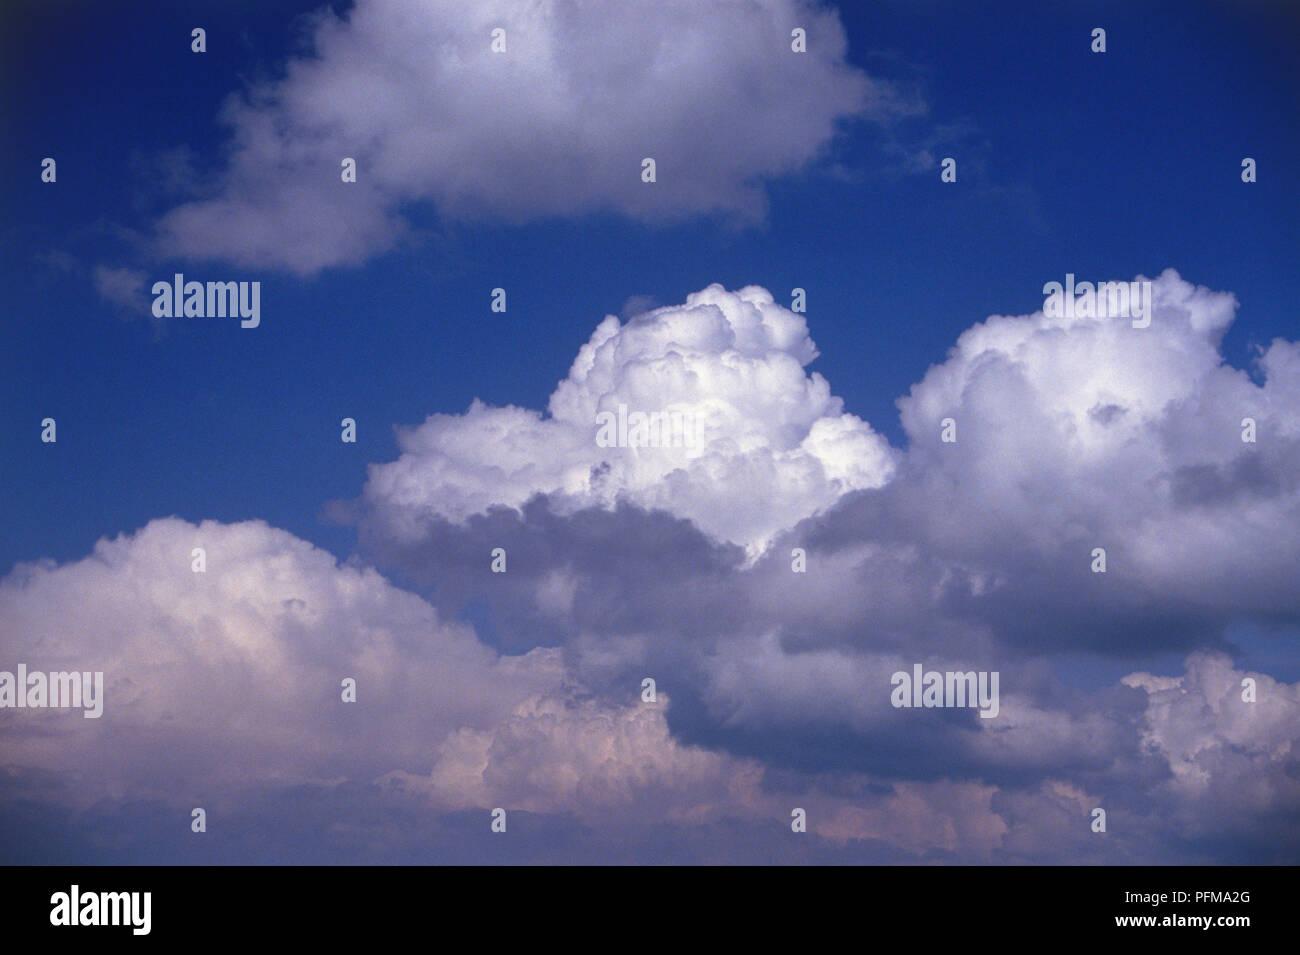 Cumulus congestus, Large white clouds de germinación, de gran extensión vertical, abultadas piezas superiores tienen forma de coliflor, en el cielo azul profundo. Foto de stock